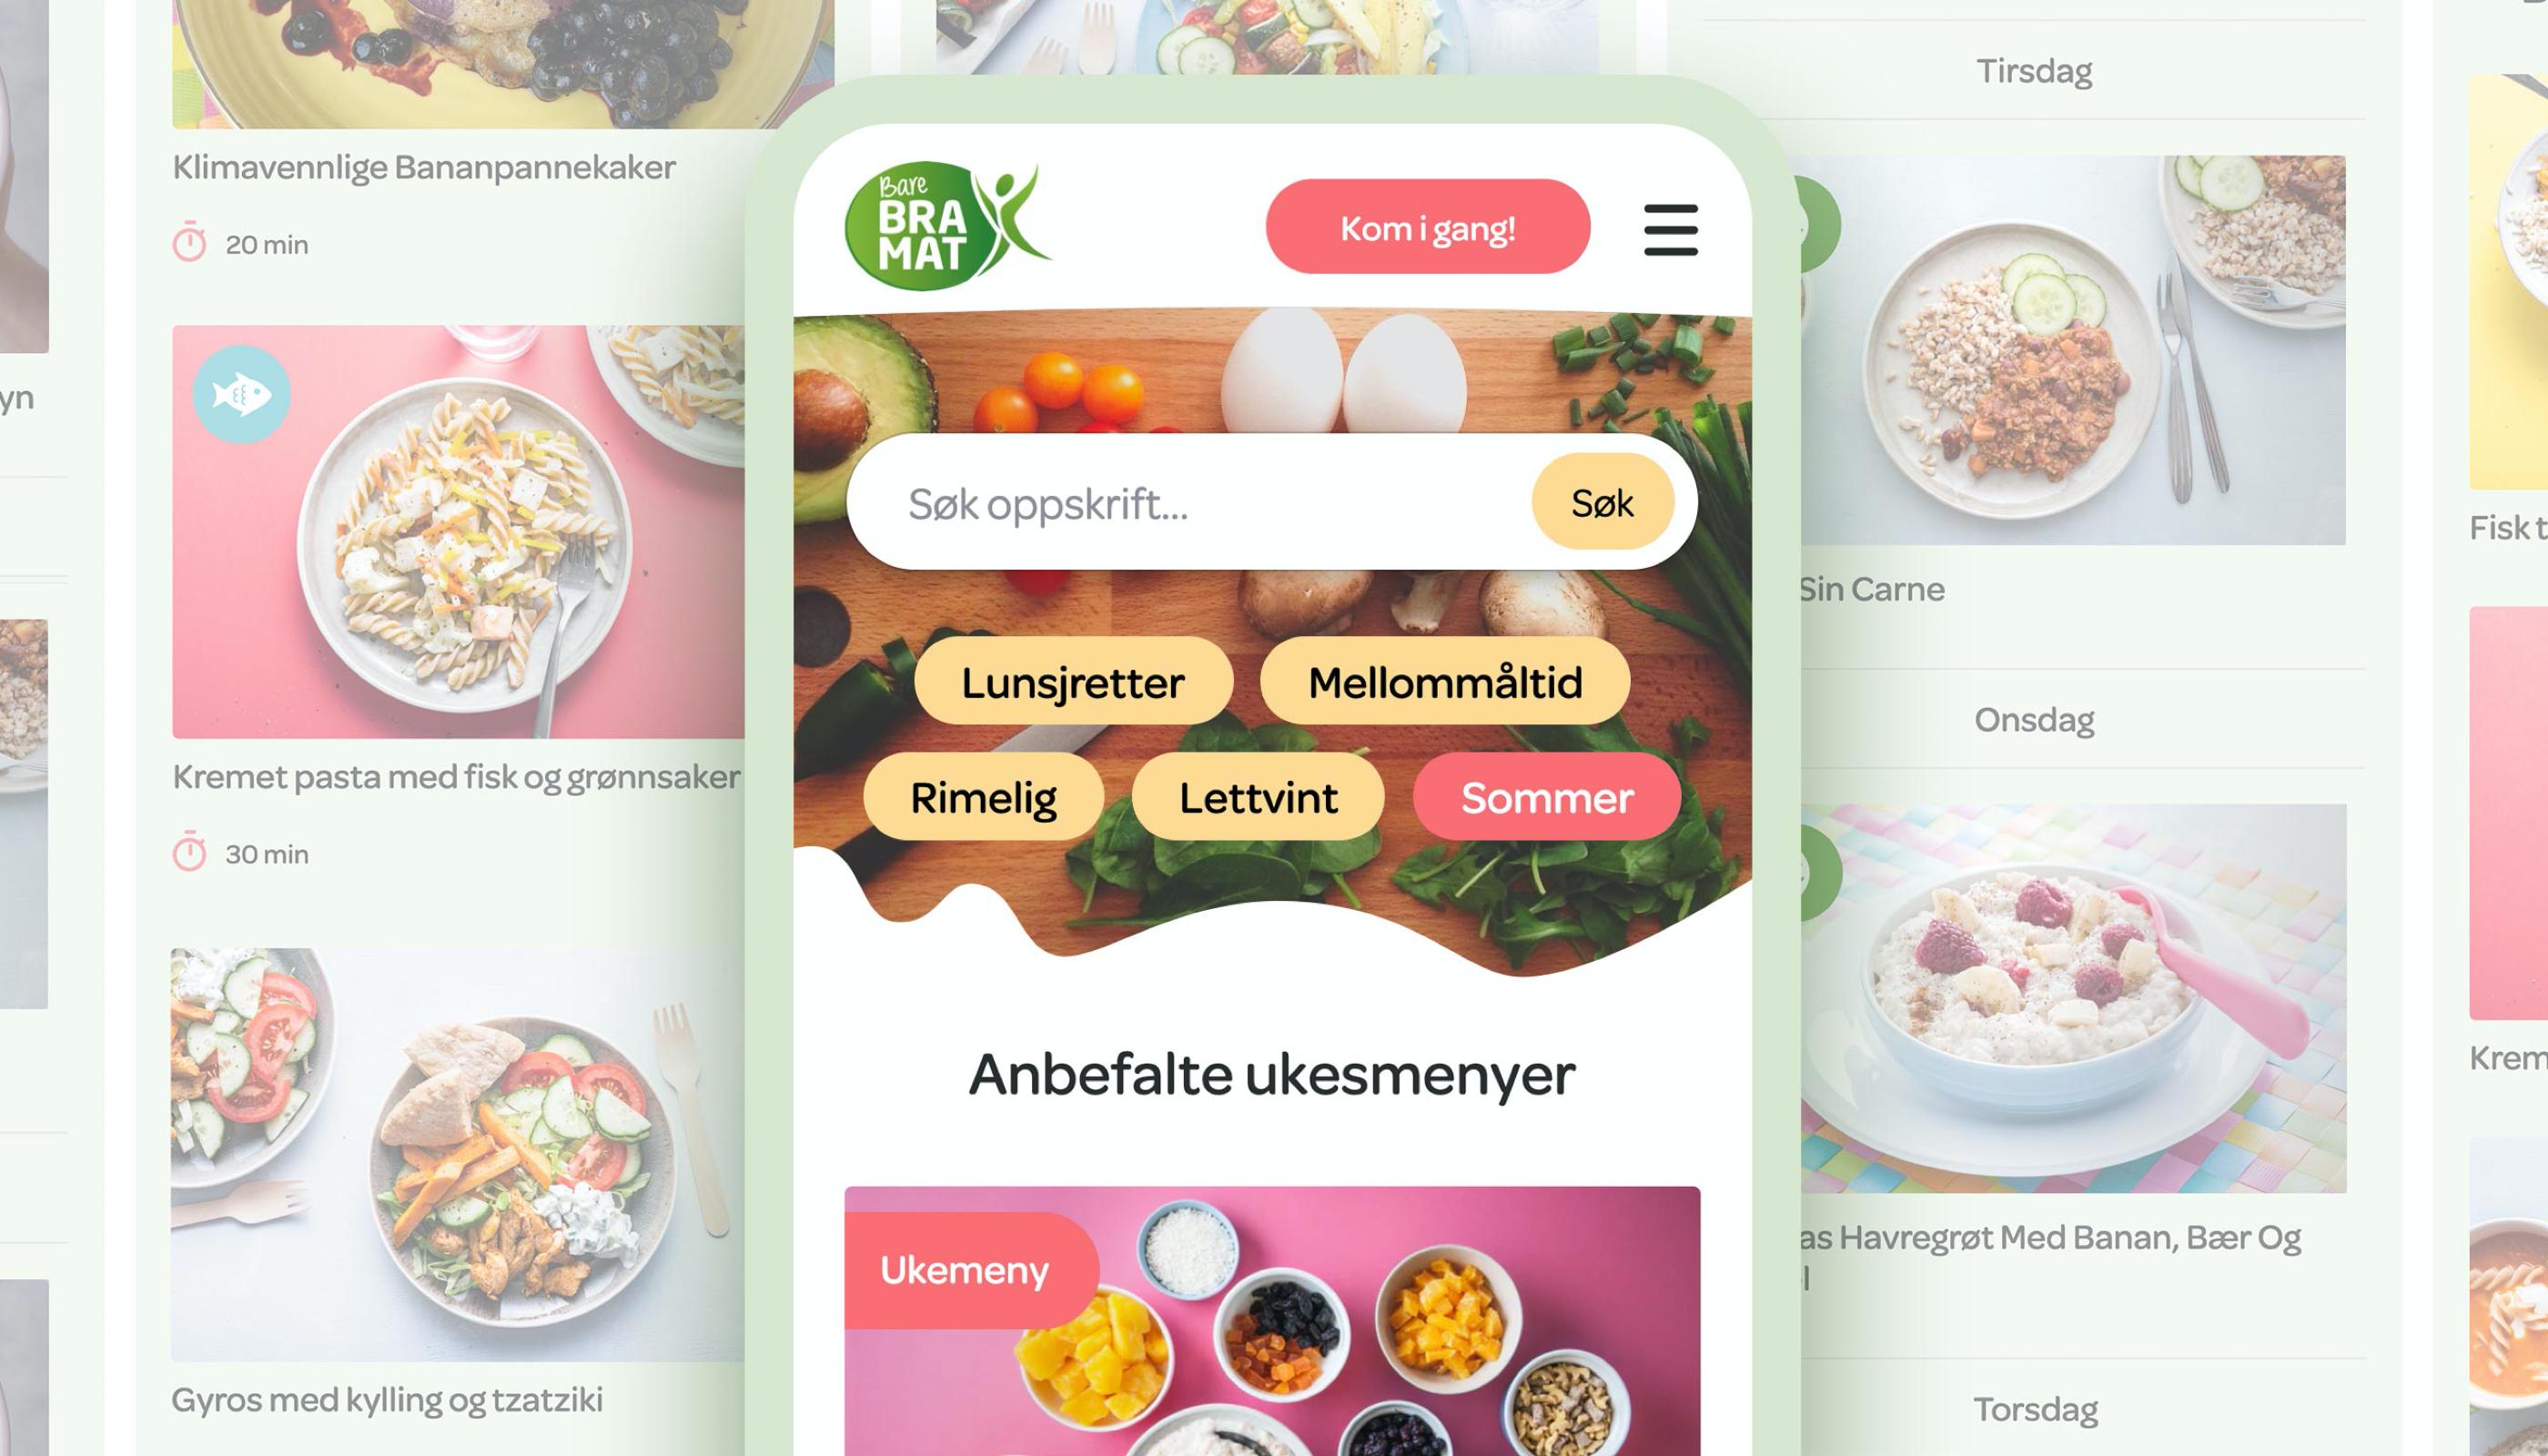 Färger och element som använts vid designen av sajterna till Sonneveld och Ldb på One Orkla Web Platform.